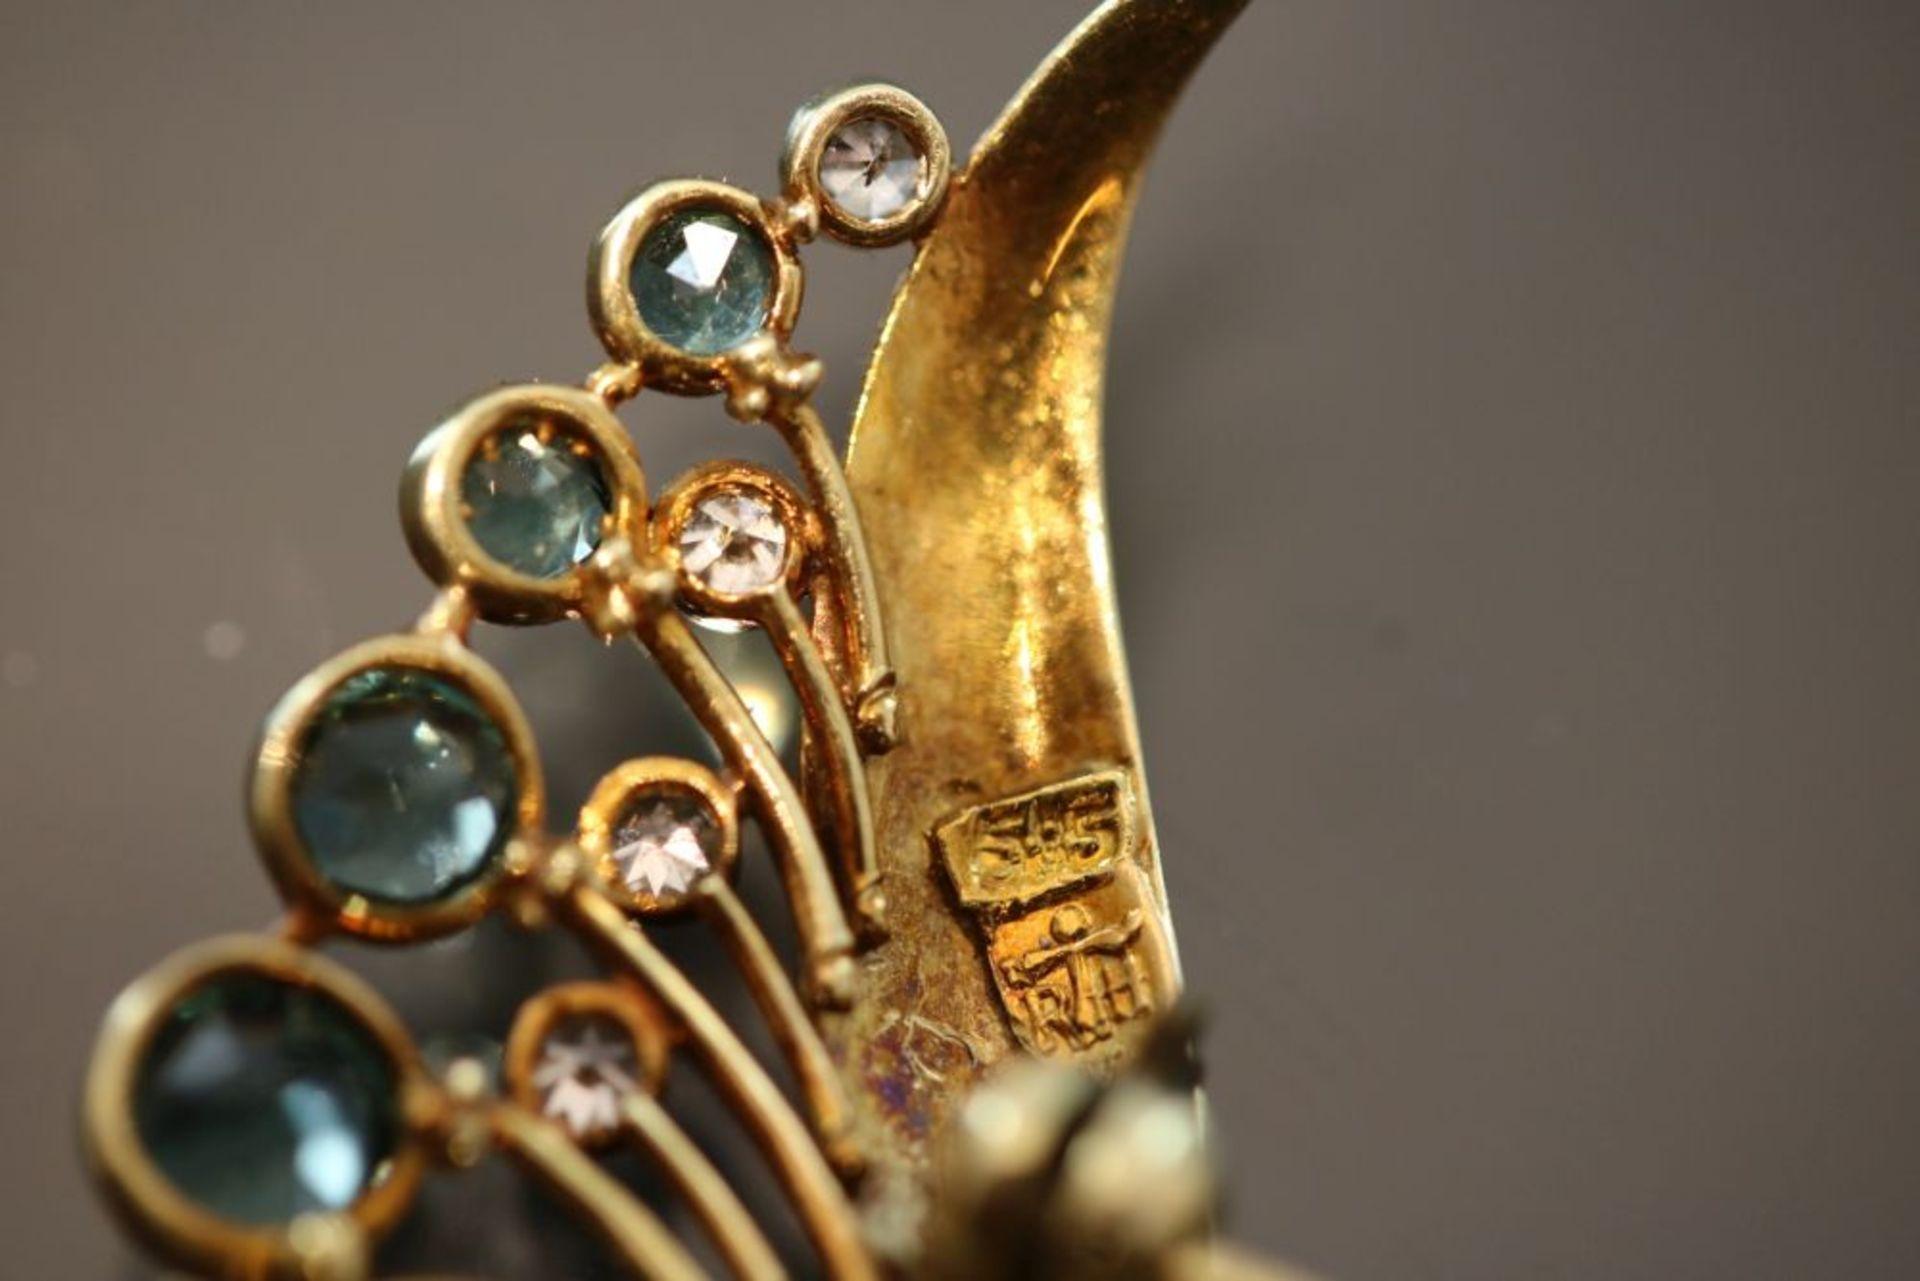 Opal-Diamant-Brosche, 585 Gold - Bild 3 aus 3